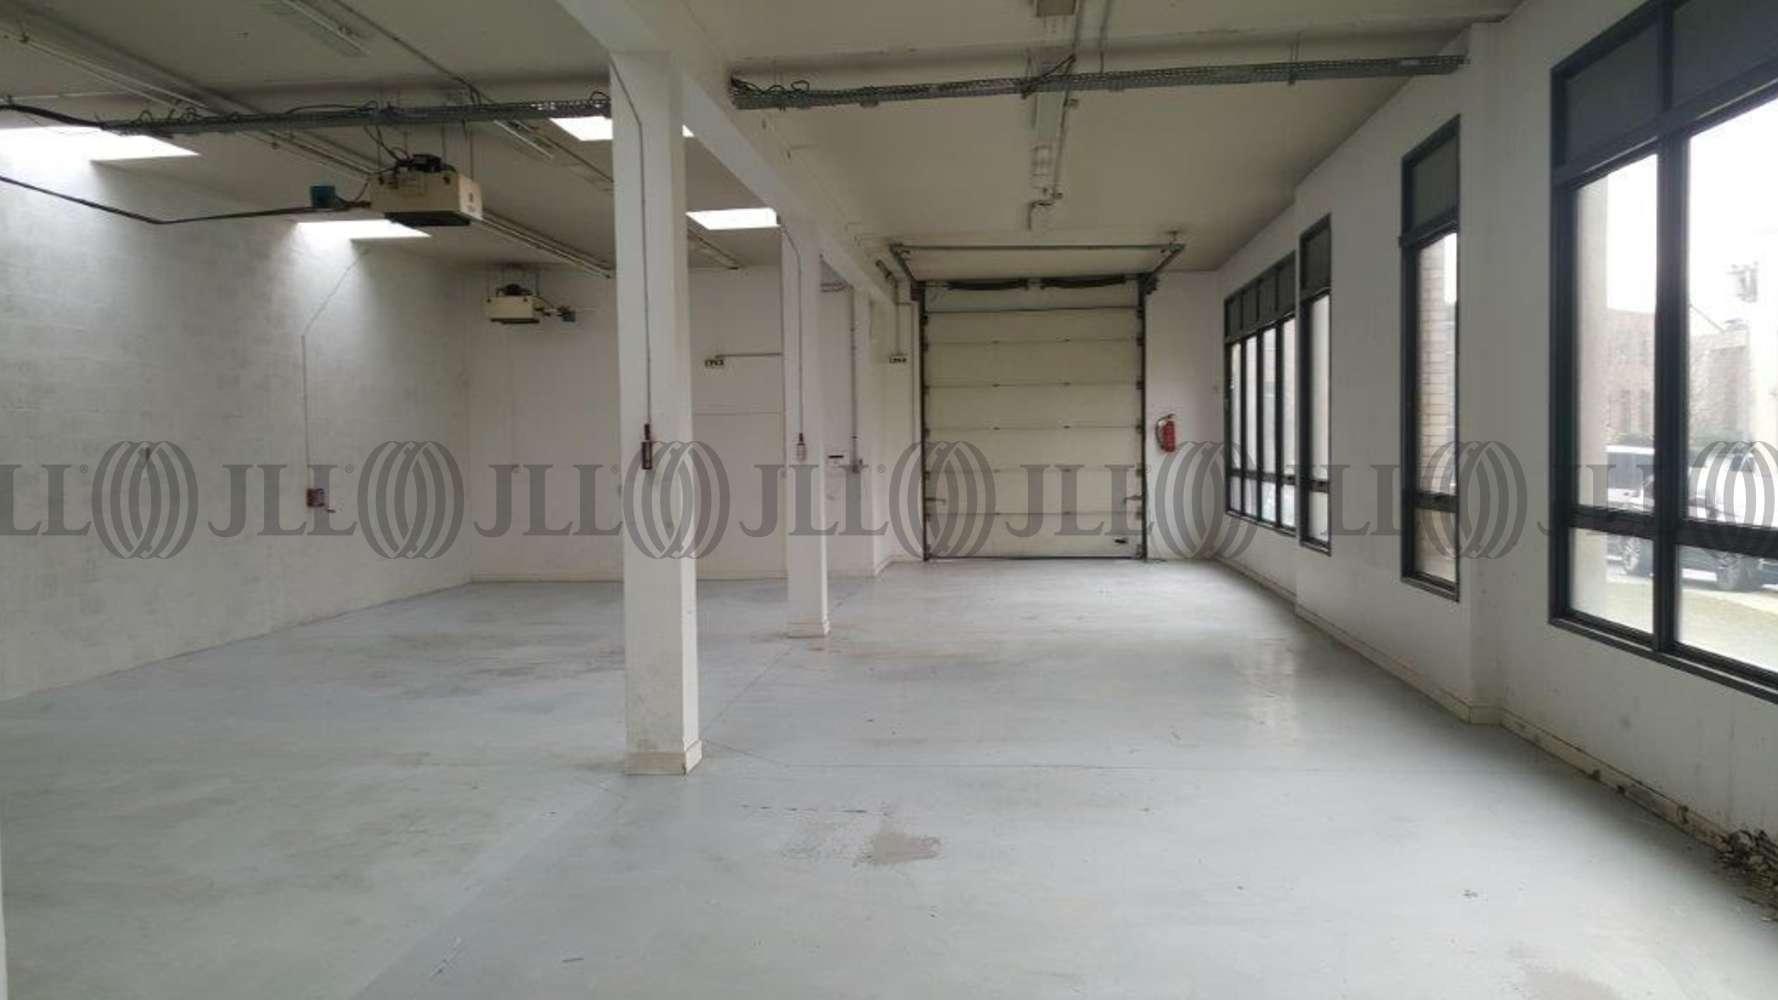 Activités/entrepôt Massy, 91300 - PARC DU MOULIN DE MASSY - 9530827